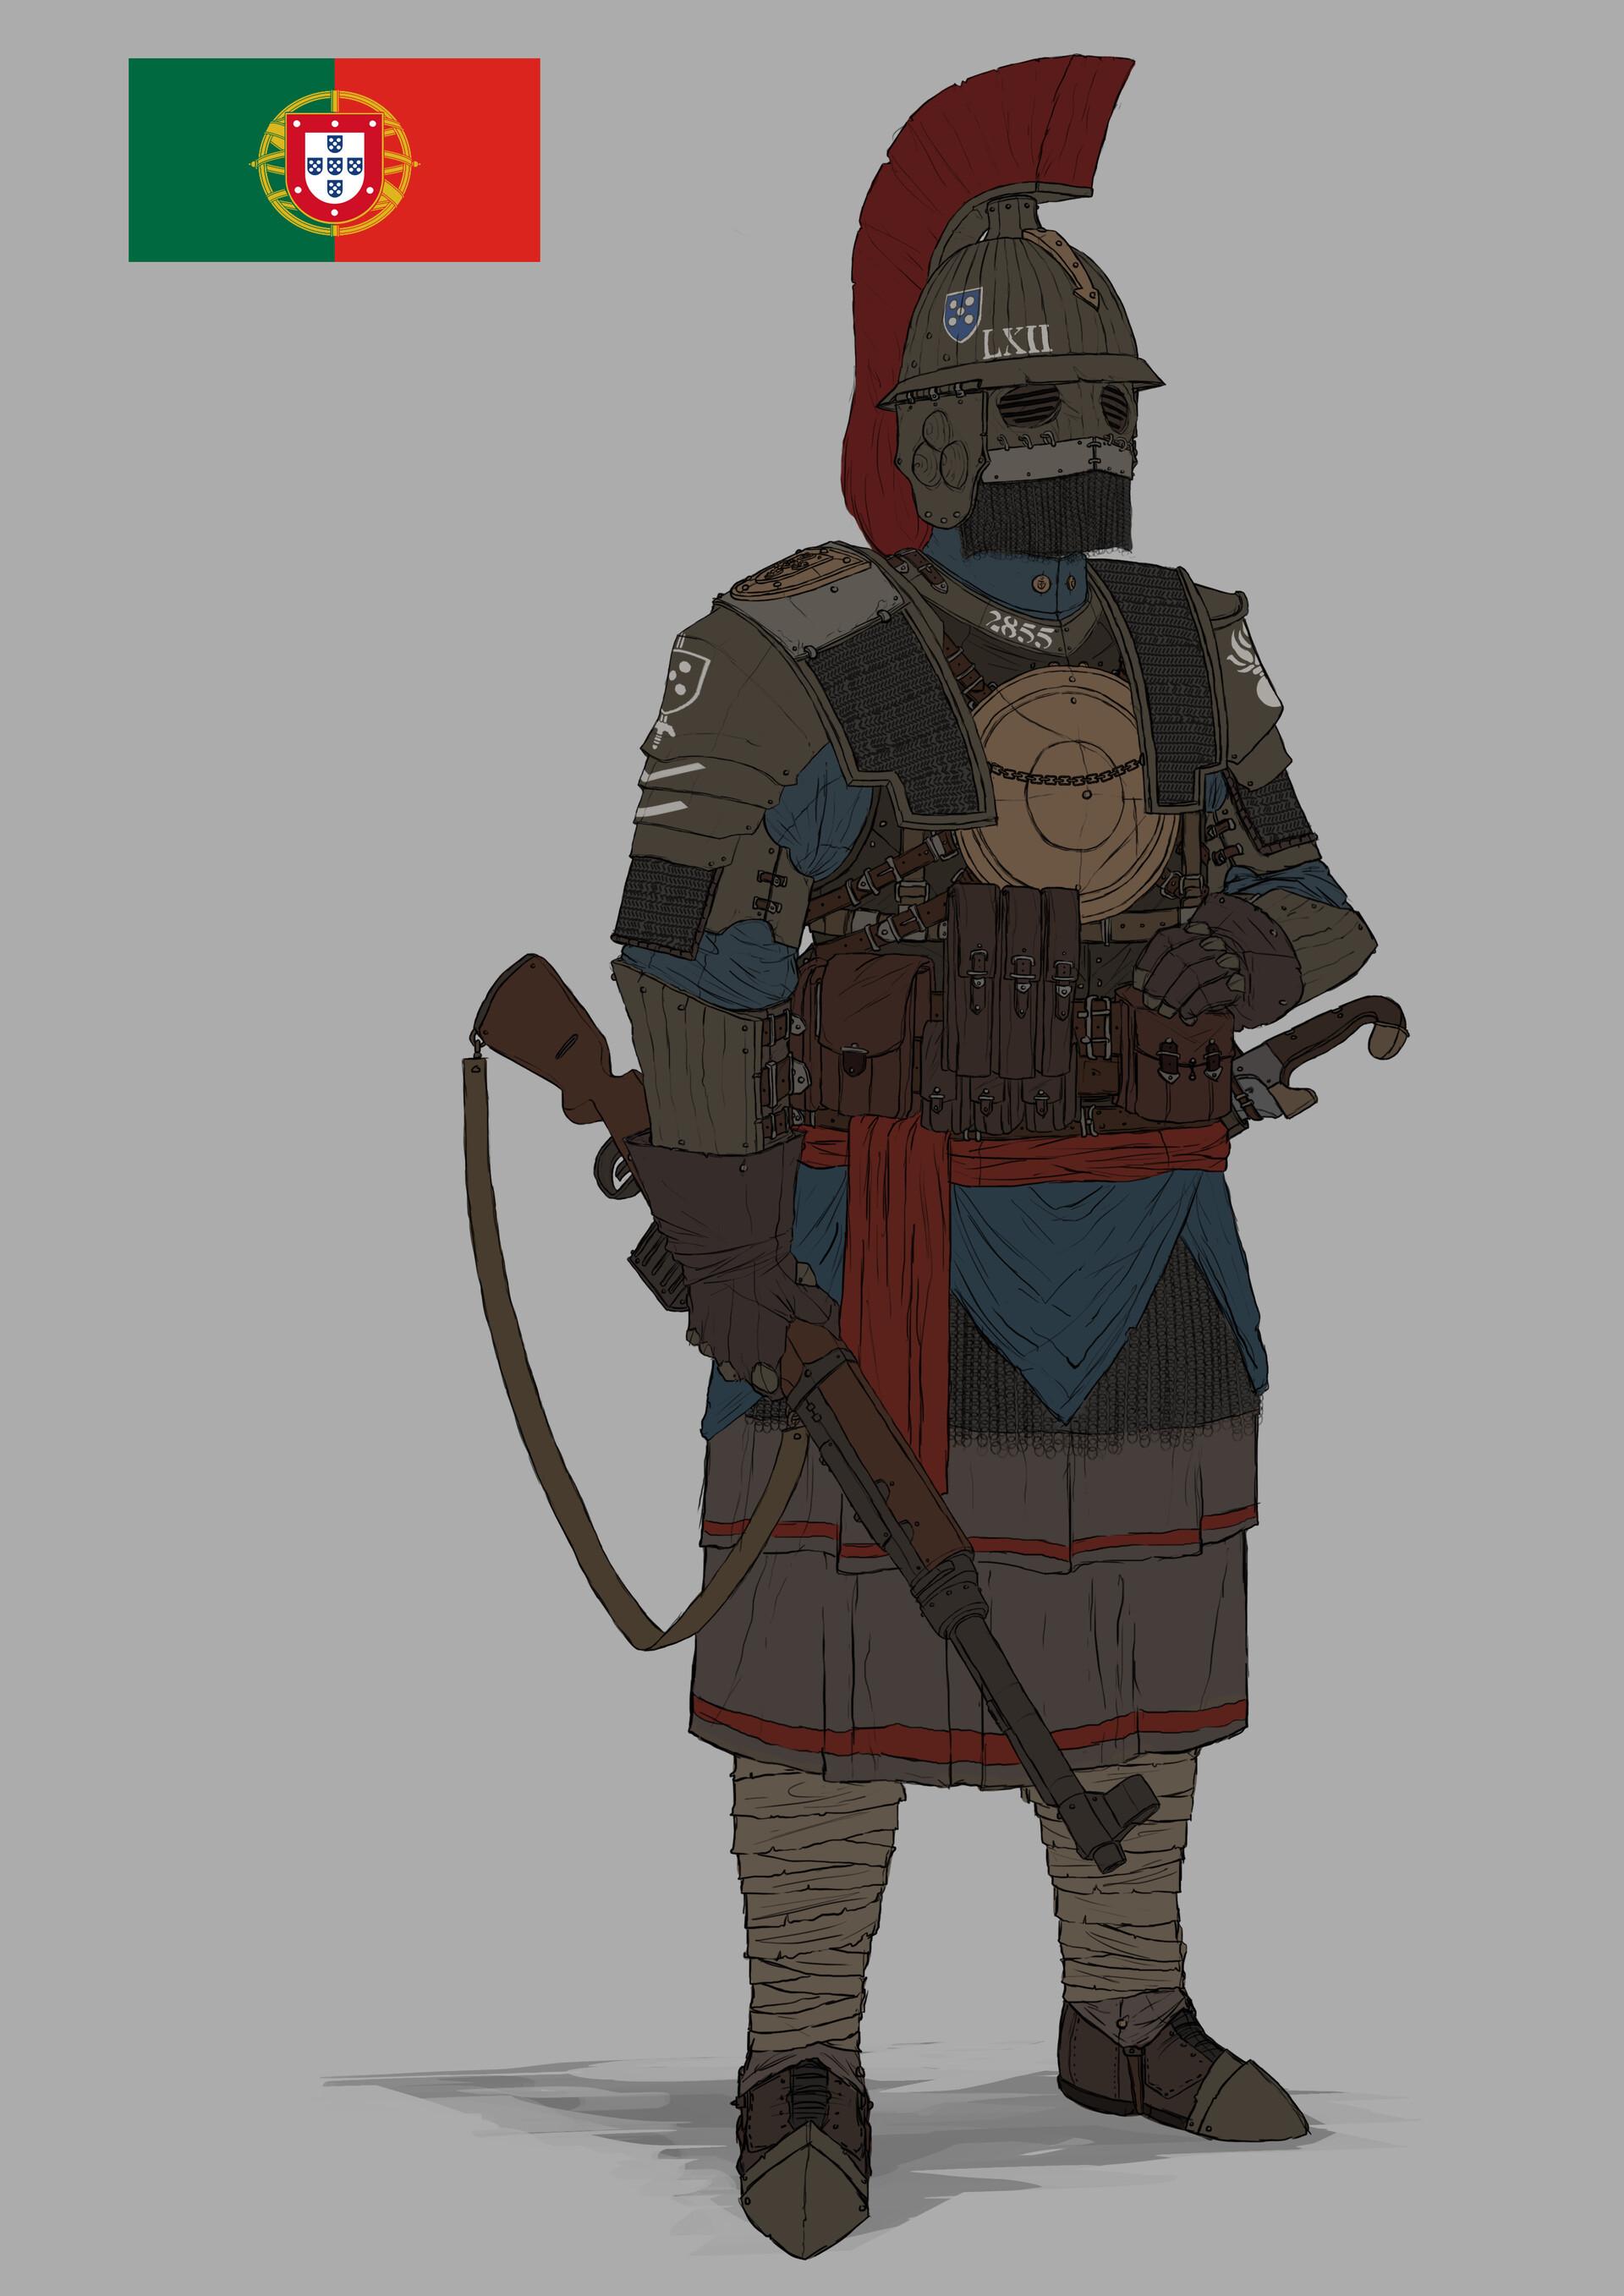 Ww1 Dieselpunk Soldier